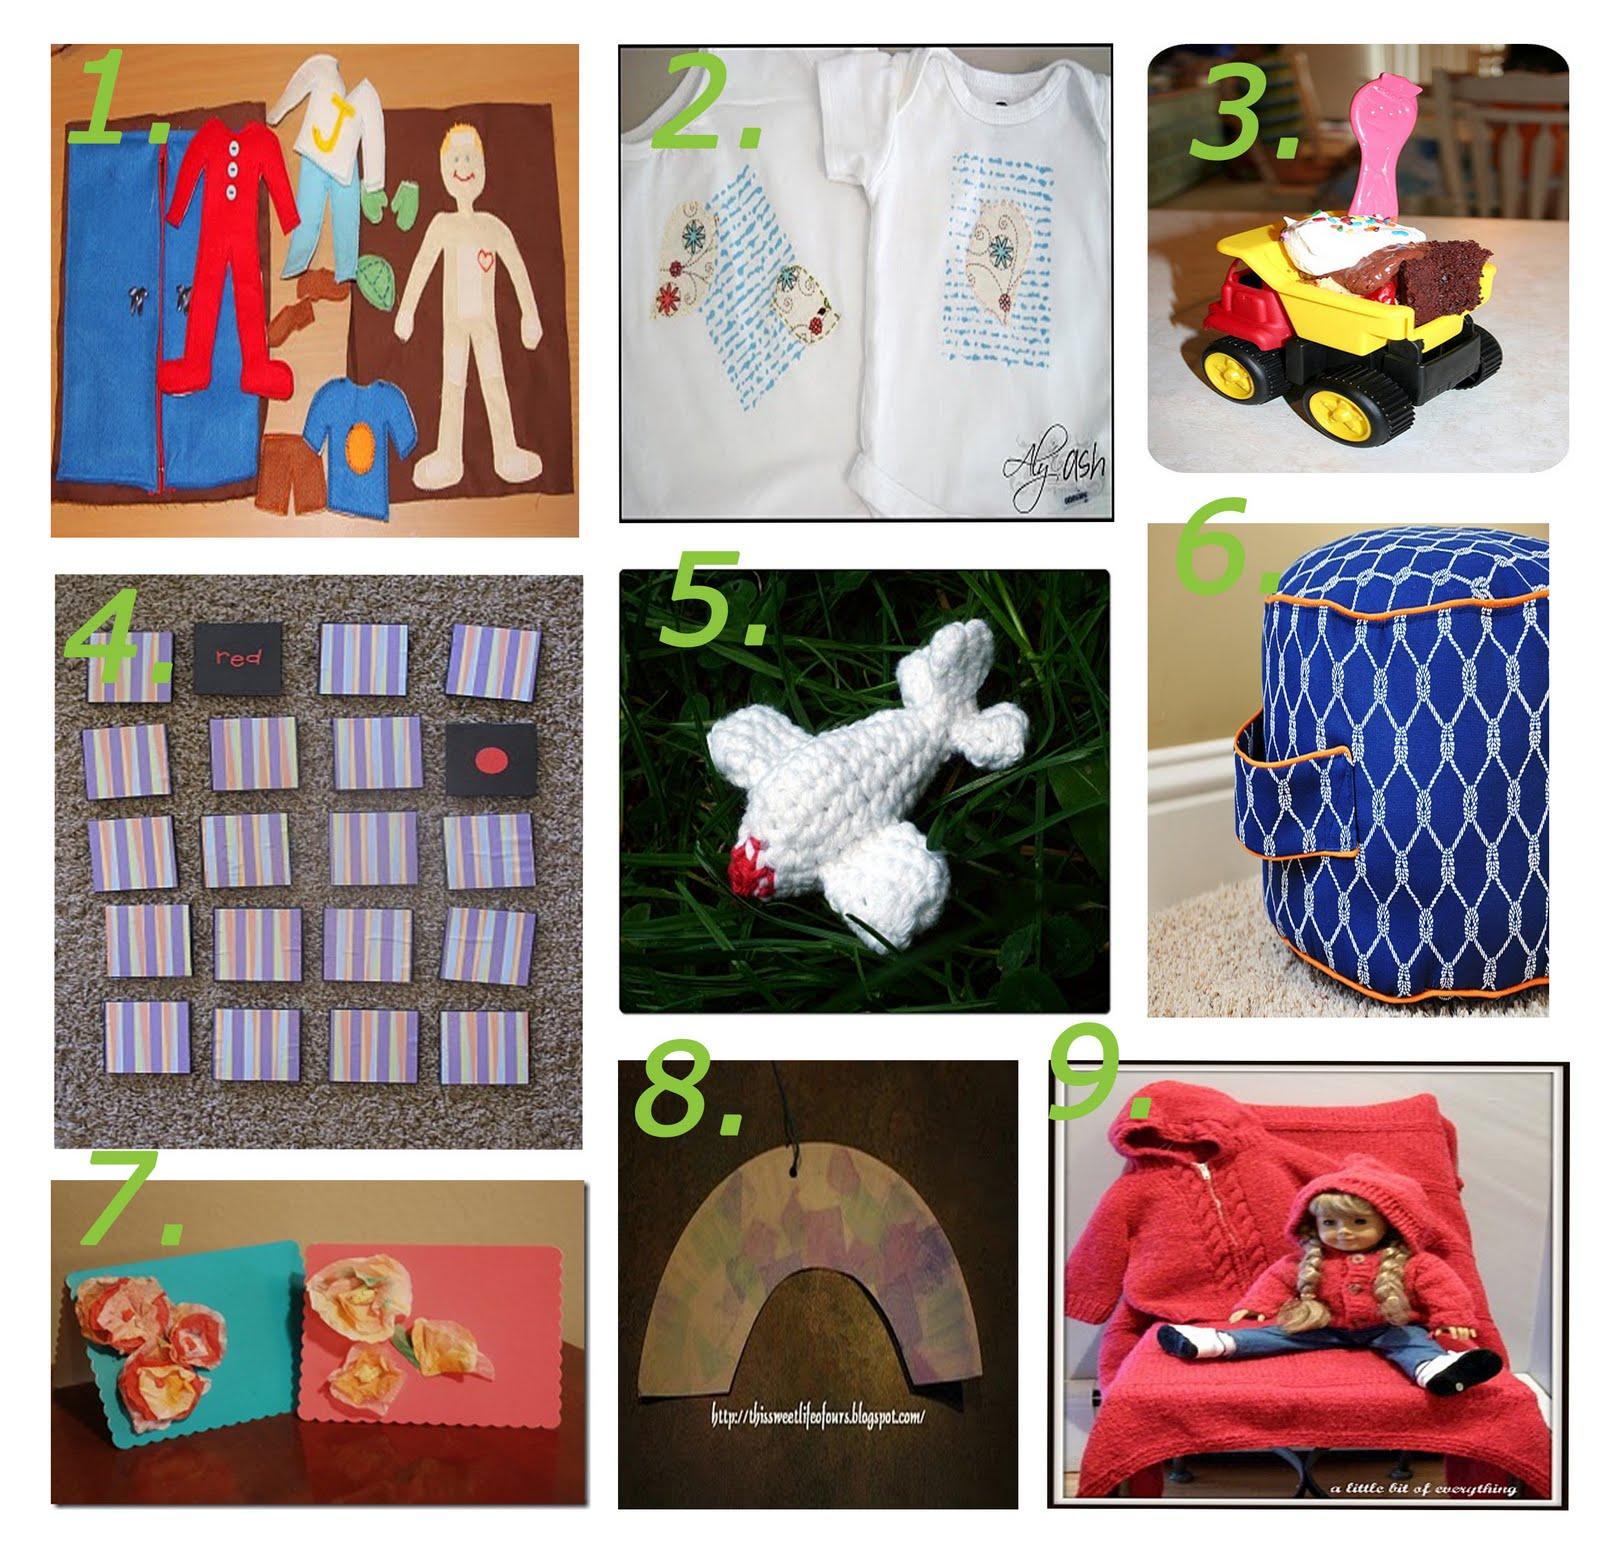 http://3.bp.blogspot.com/_Tx1ojuH7yfk/S-6IzV3F5eI/AAAAAAAABWg/S_b1LJ70JjE/s1600/tt7.jpg